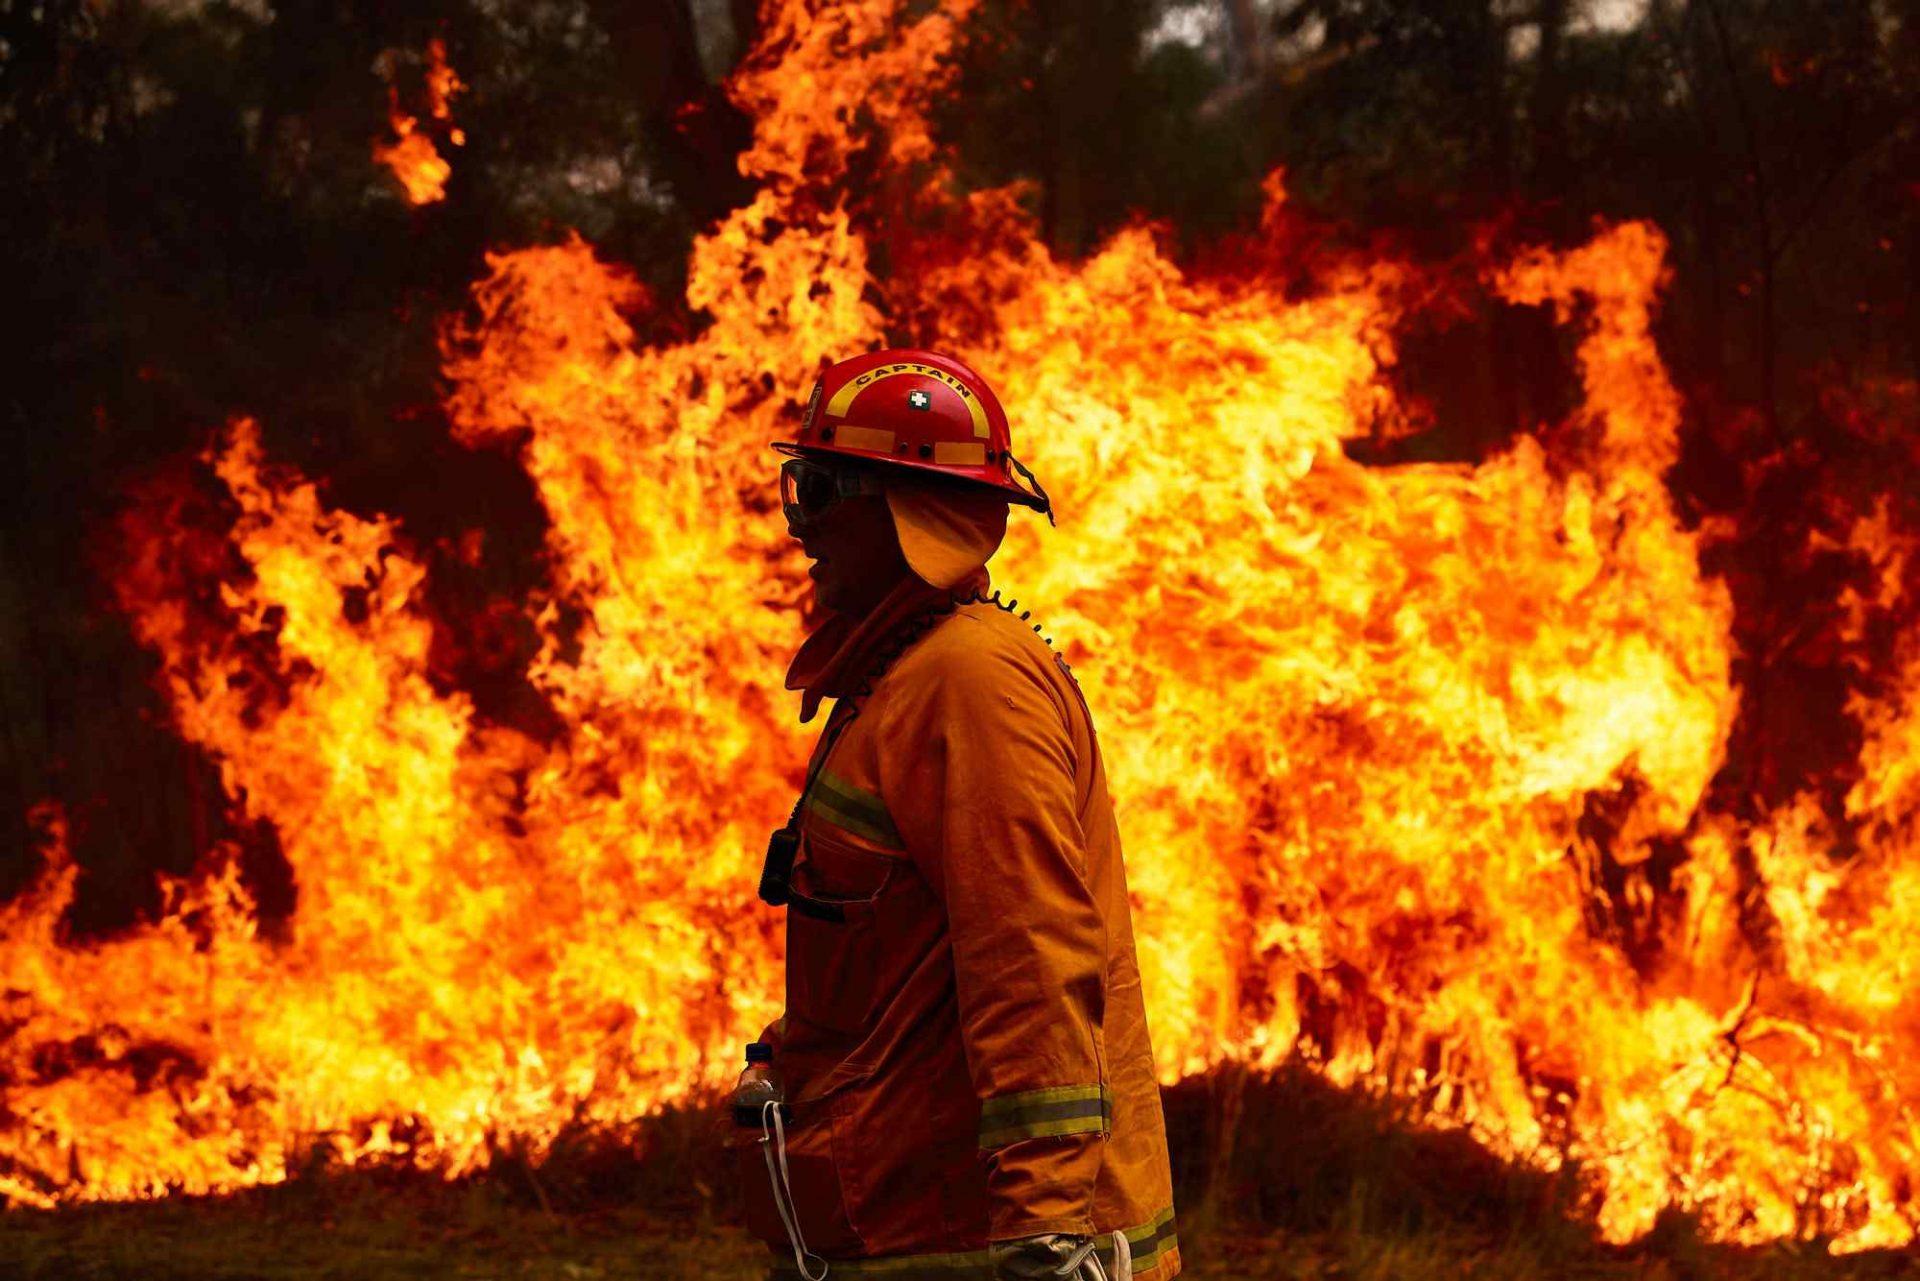 آتش در کارگاه فرآوری ضایعات پلاستیکی مشهد مهار شد